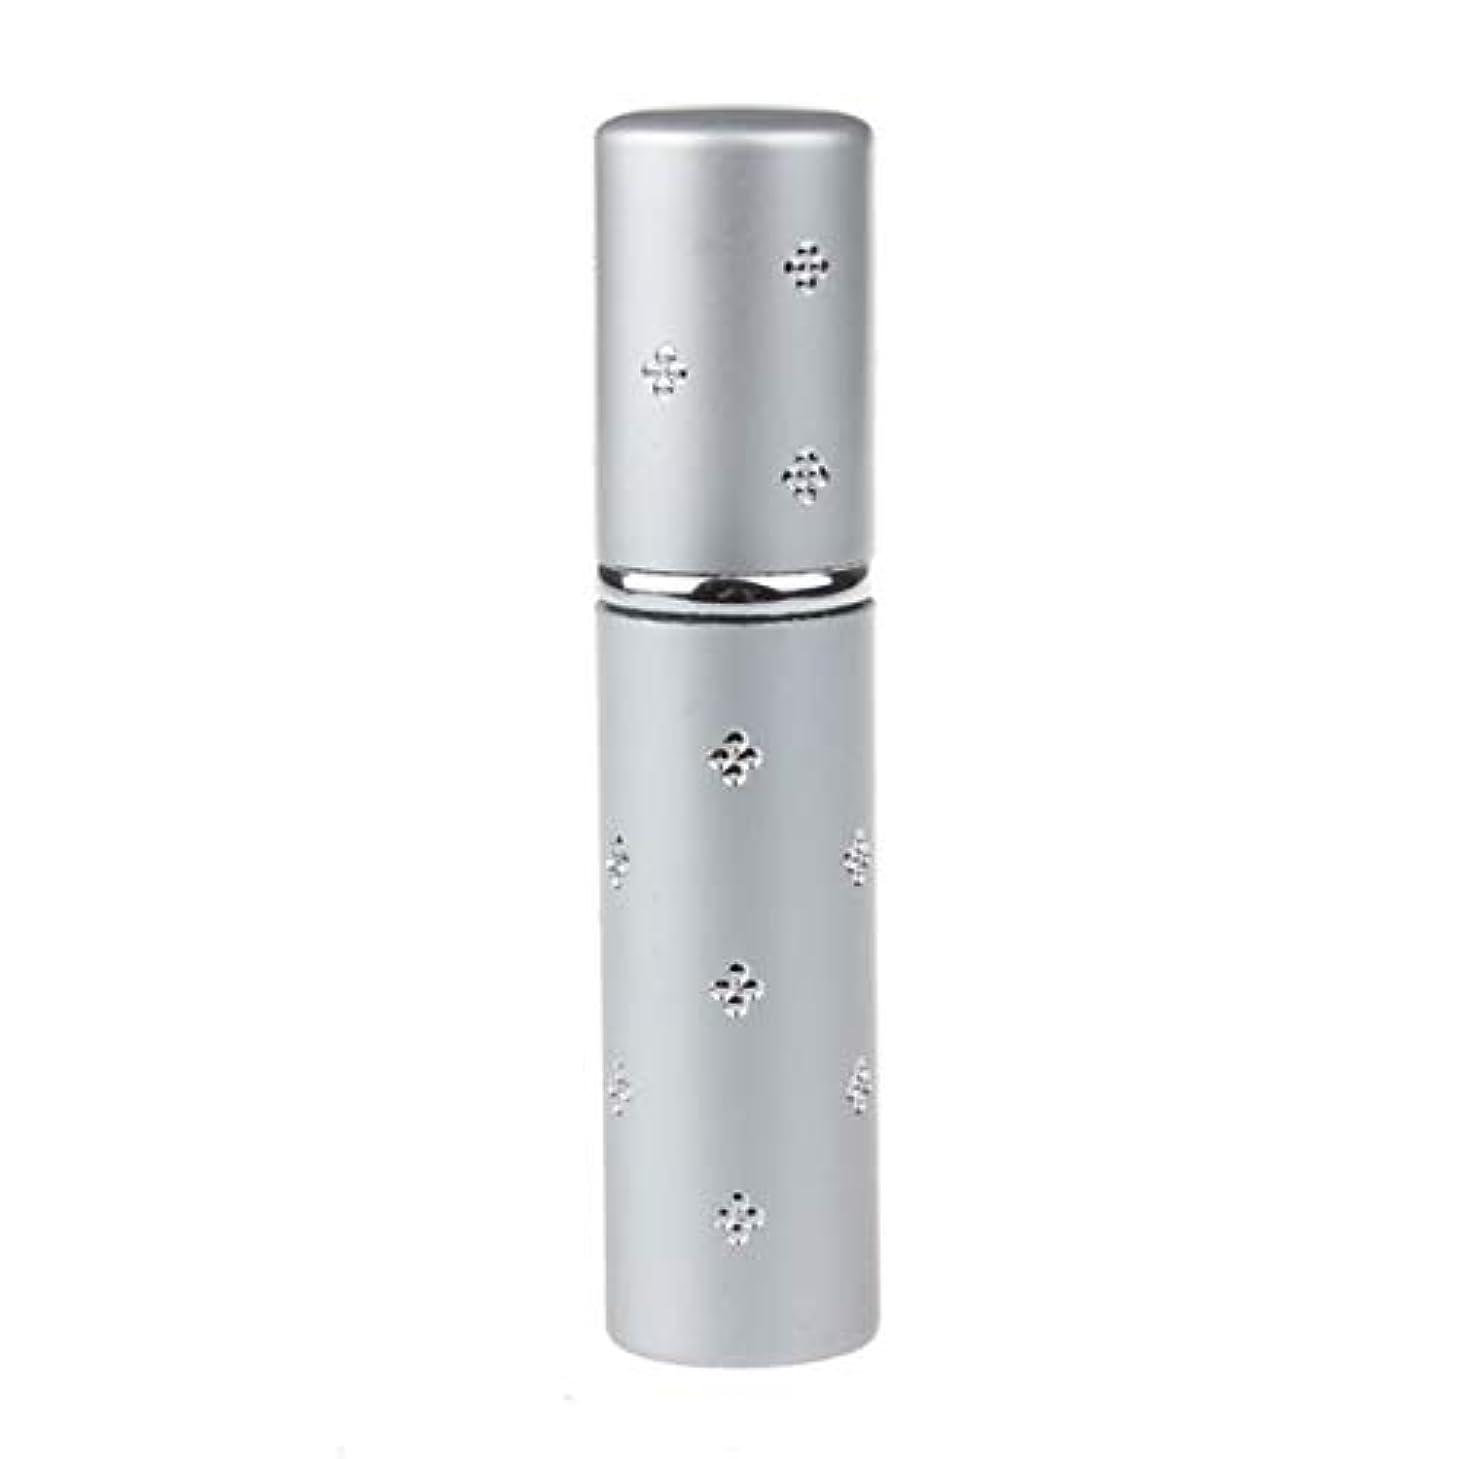 説教一時的削るBibipangstore 5mlポータブルミニ詰め替え香水ボトルスプレー香りポンプ付き旅行化粧品容器用空スプレーアトマイザーボトル